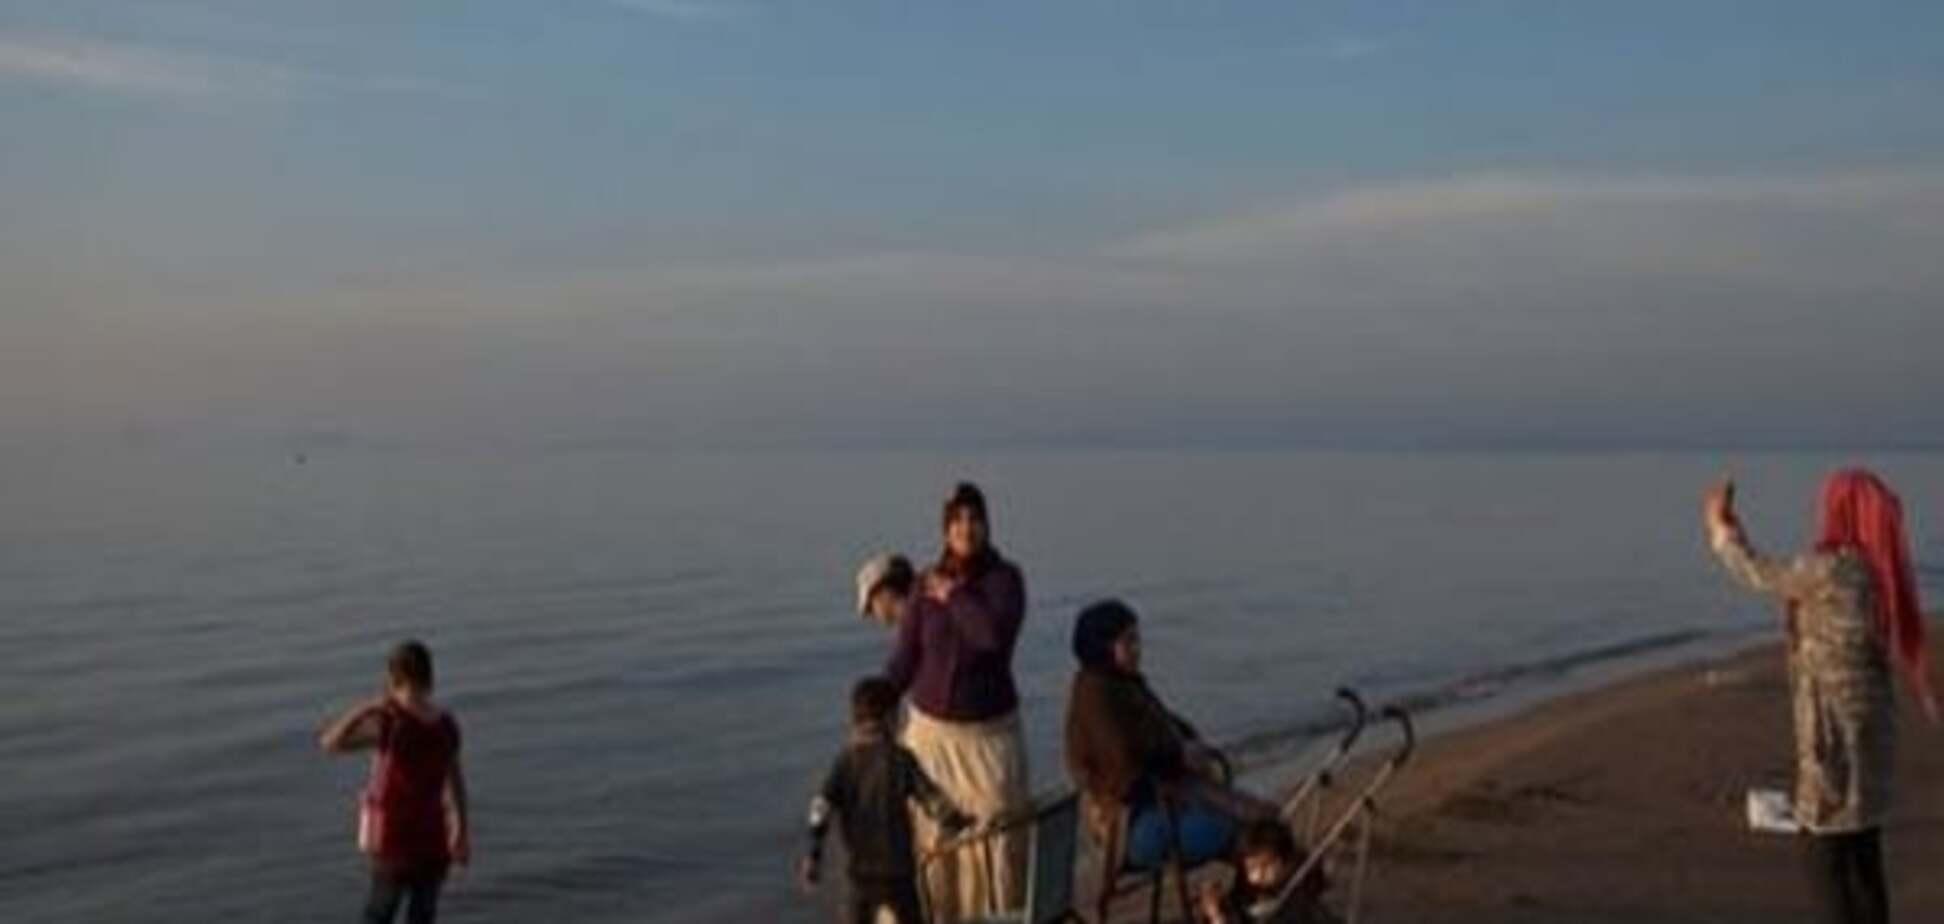 В обход 'балканского маршрута': нелегалы из Сирии проложили новый путь в ЕС